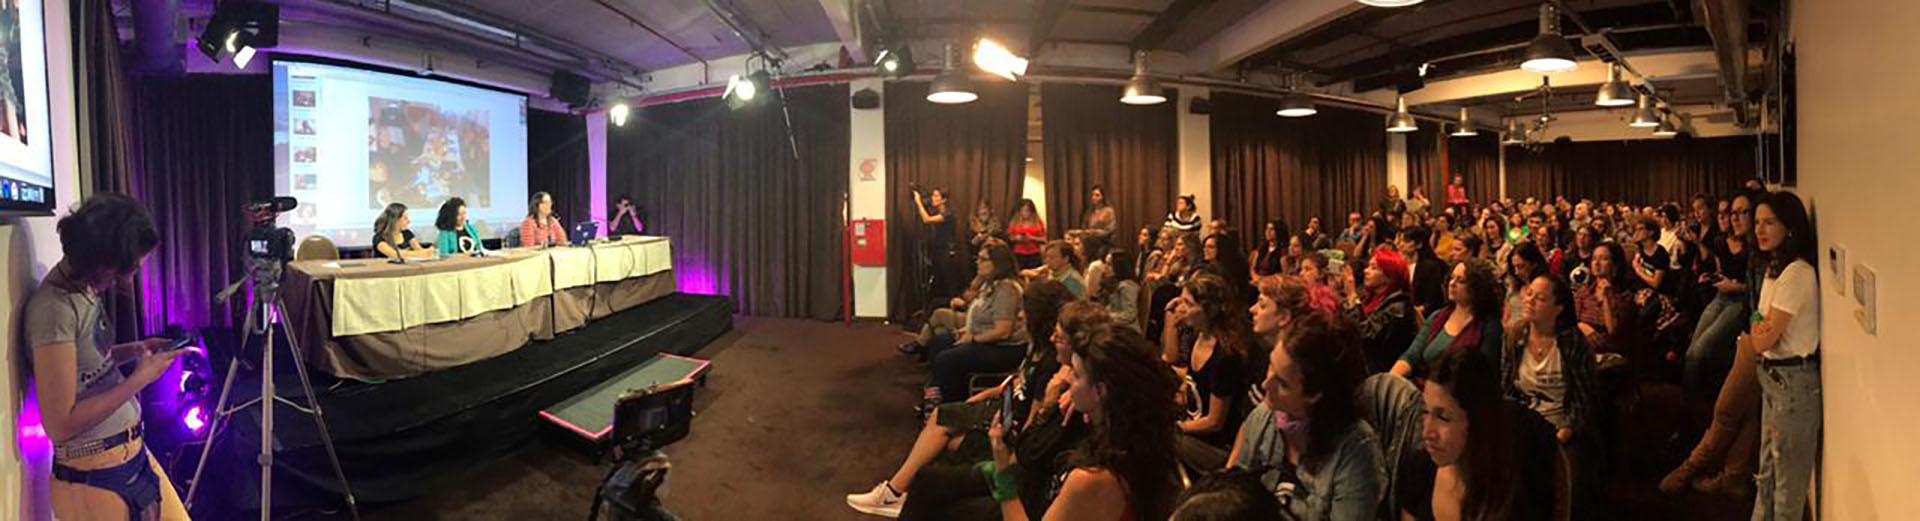 Con una sala colmada de mujeres, se presentó la plataforma MUA